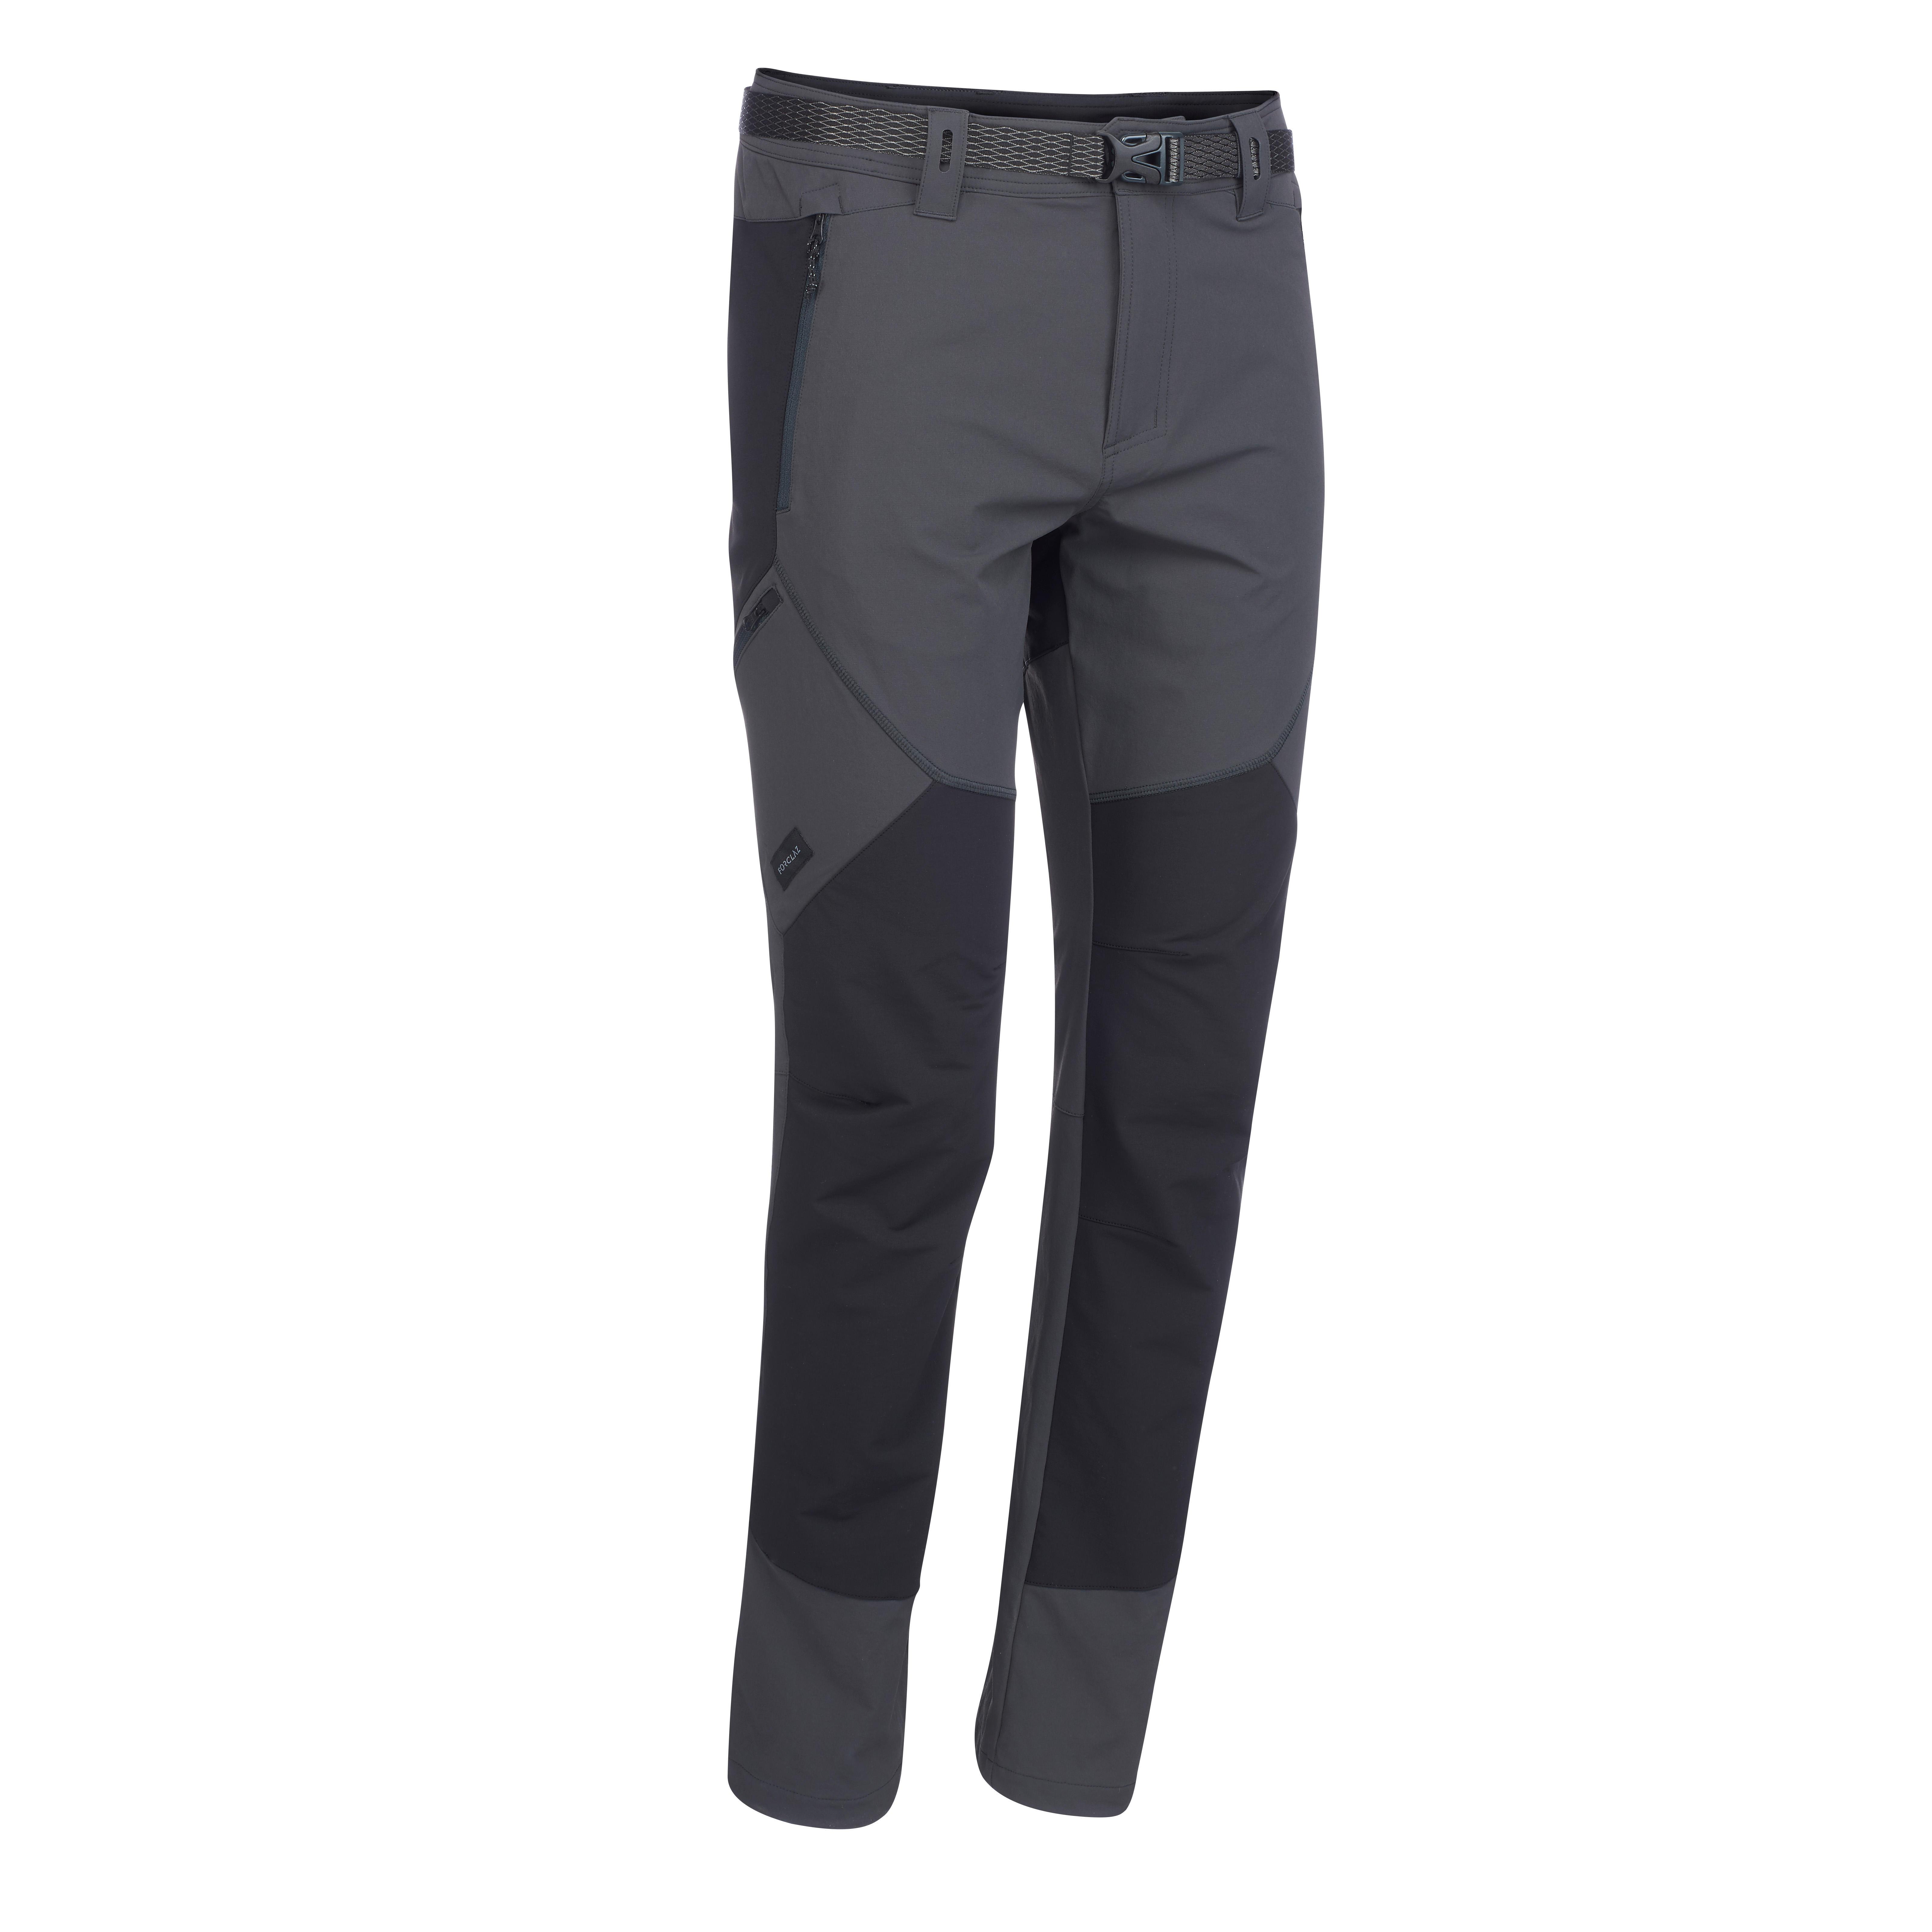 Pantalon Trek 900 Bărbați